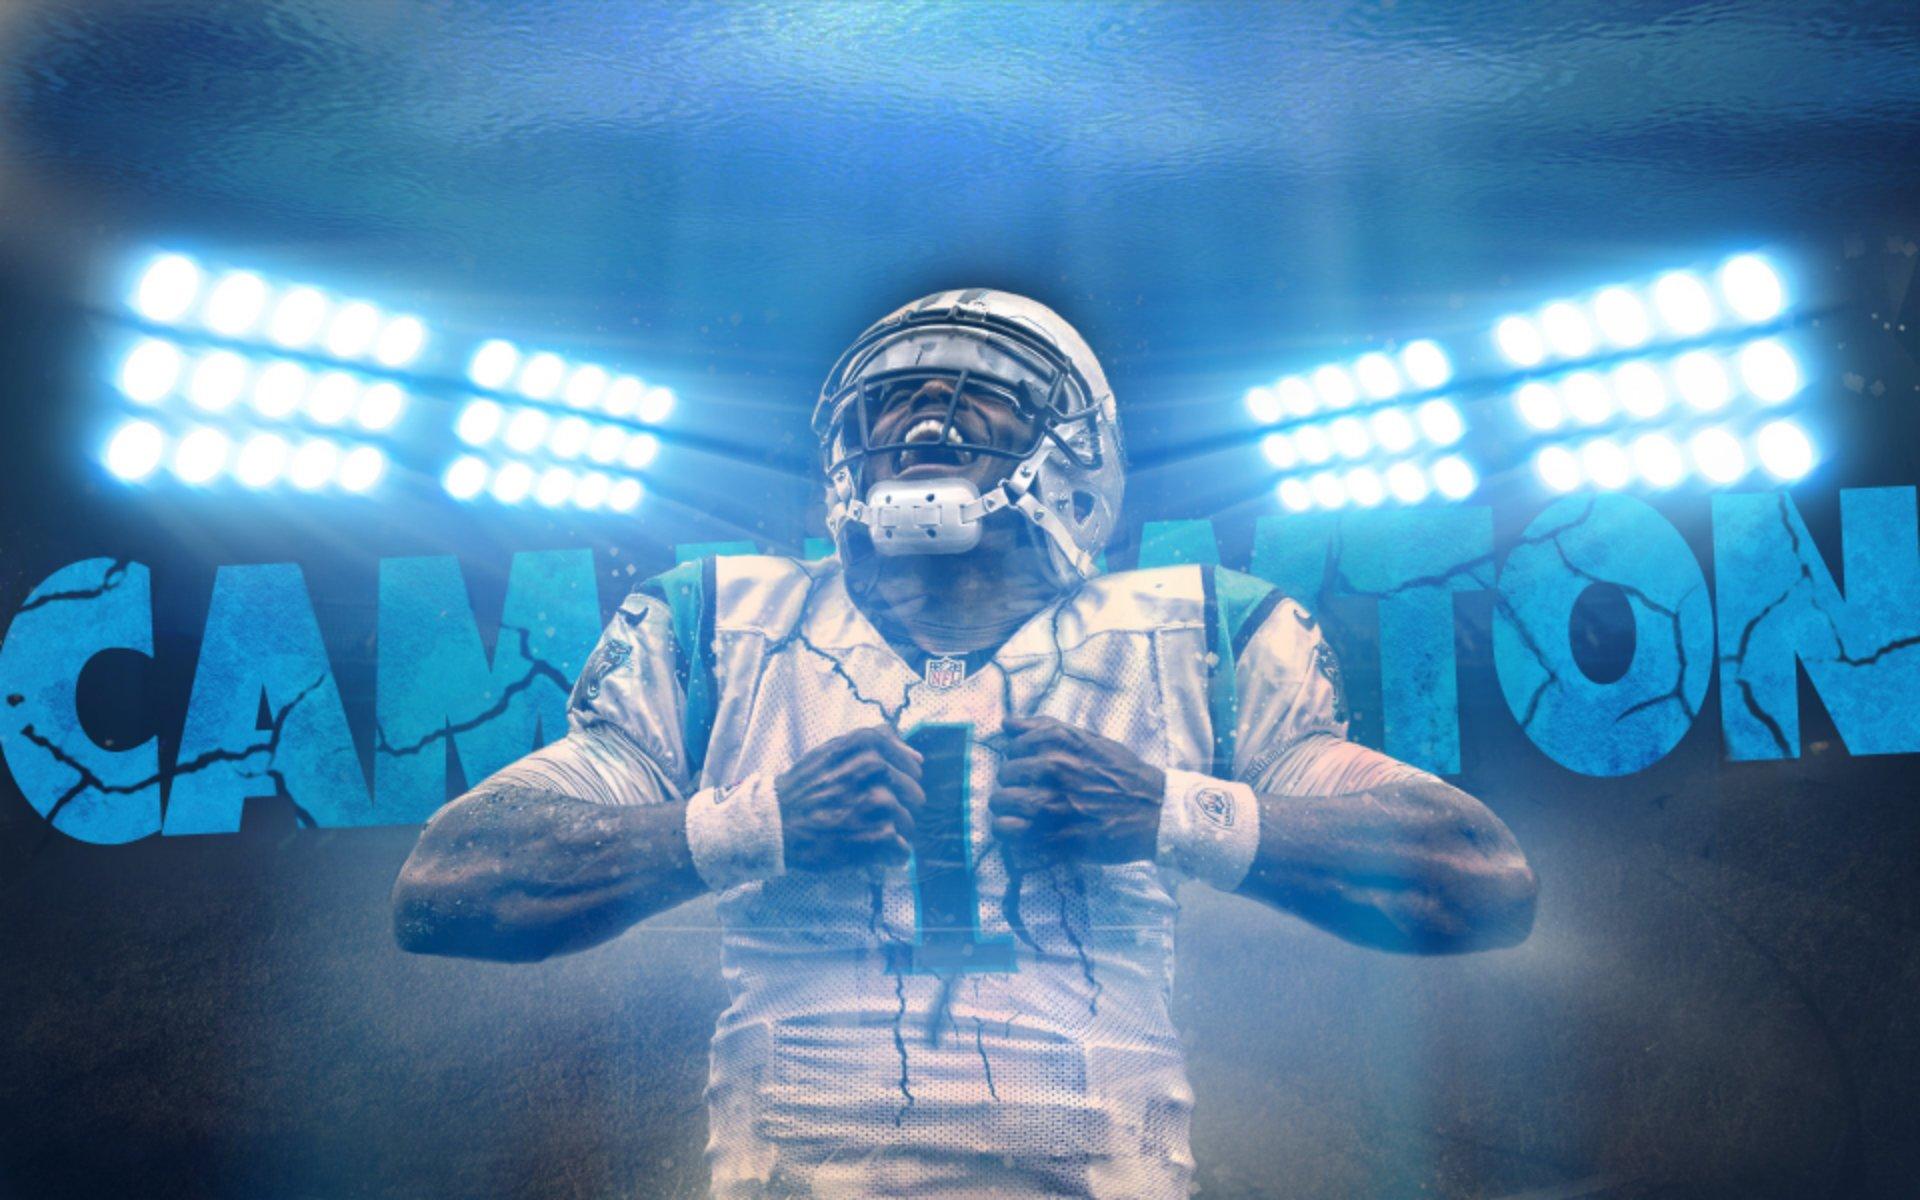 Panthers sportz overtime - Carolina panthers wallpaper cam newton ...